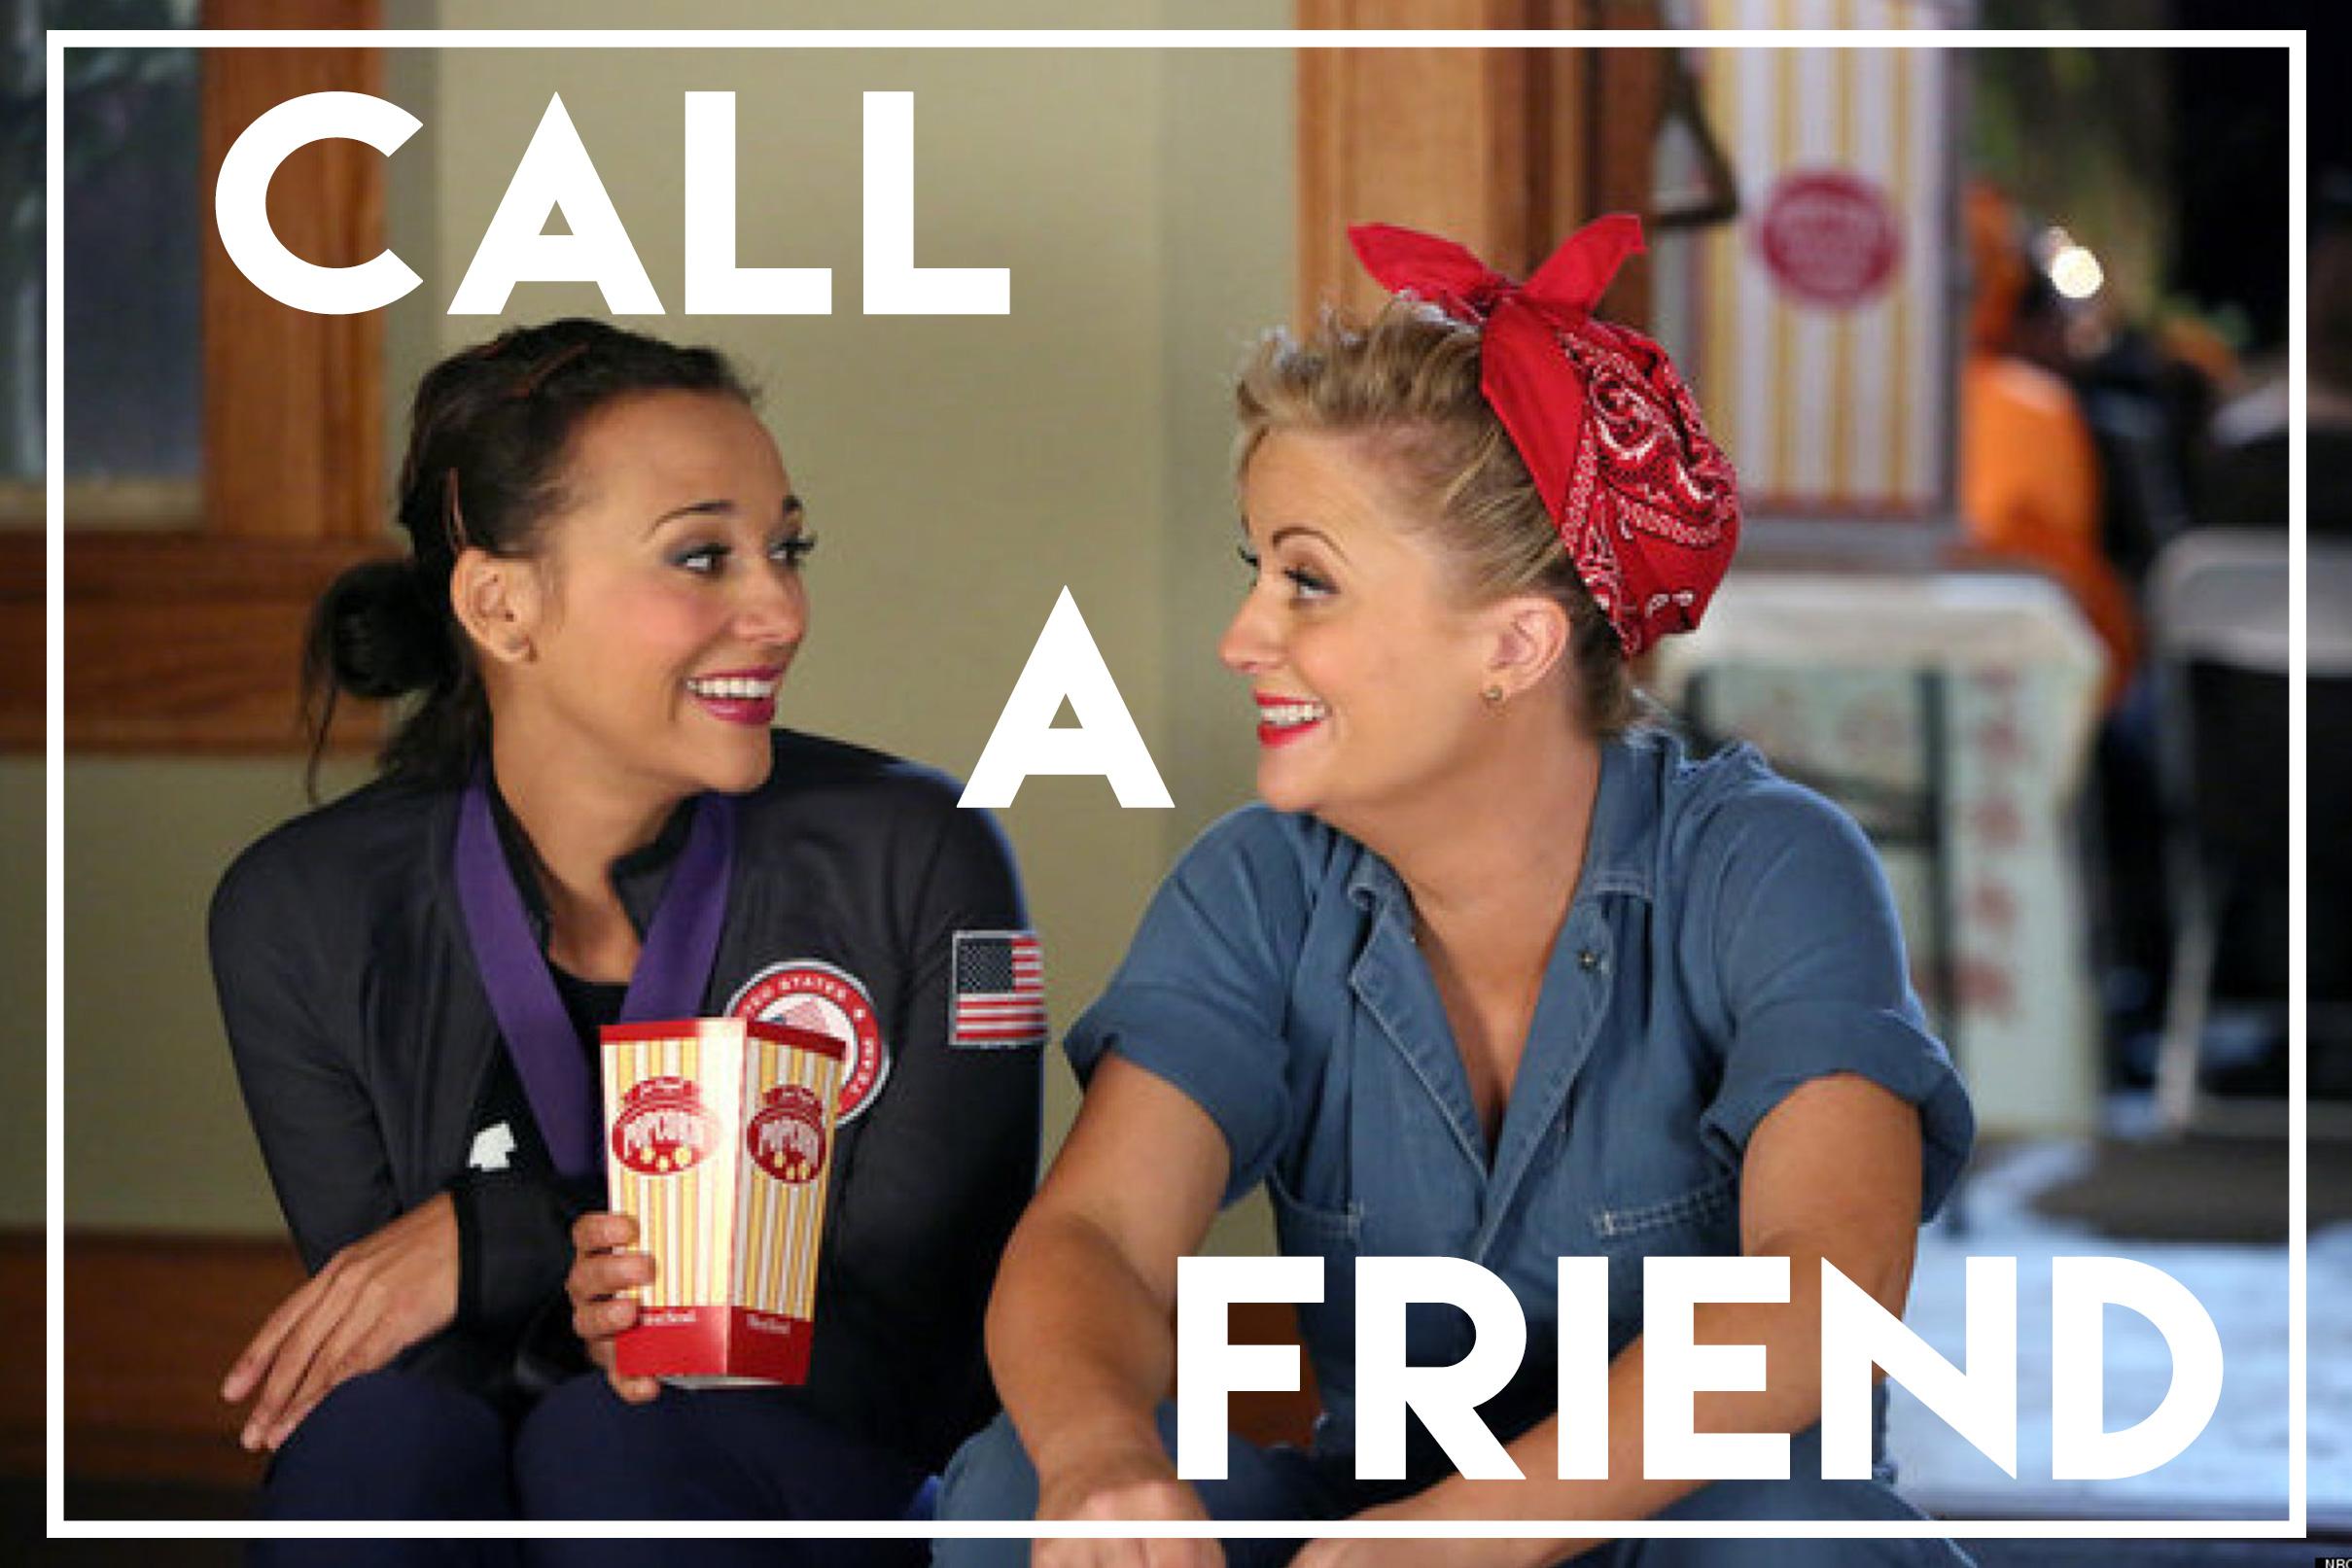 CALL_FRIEND.jpg